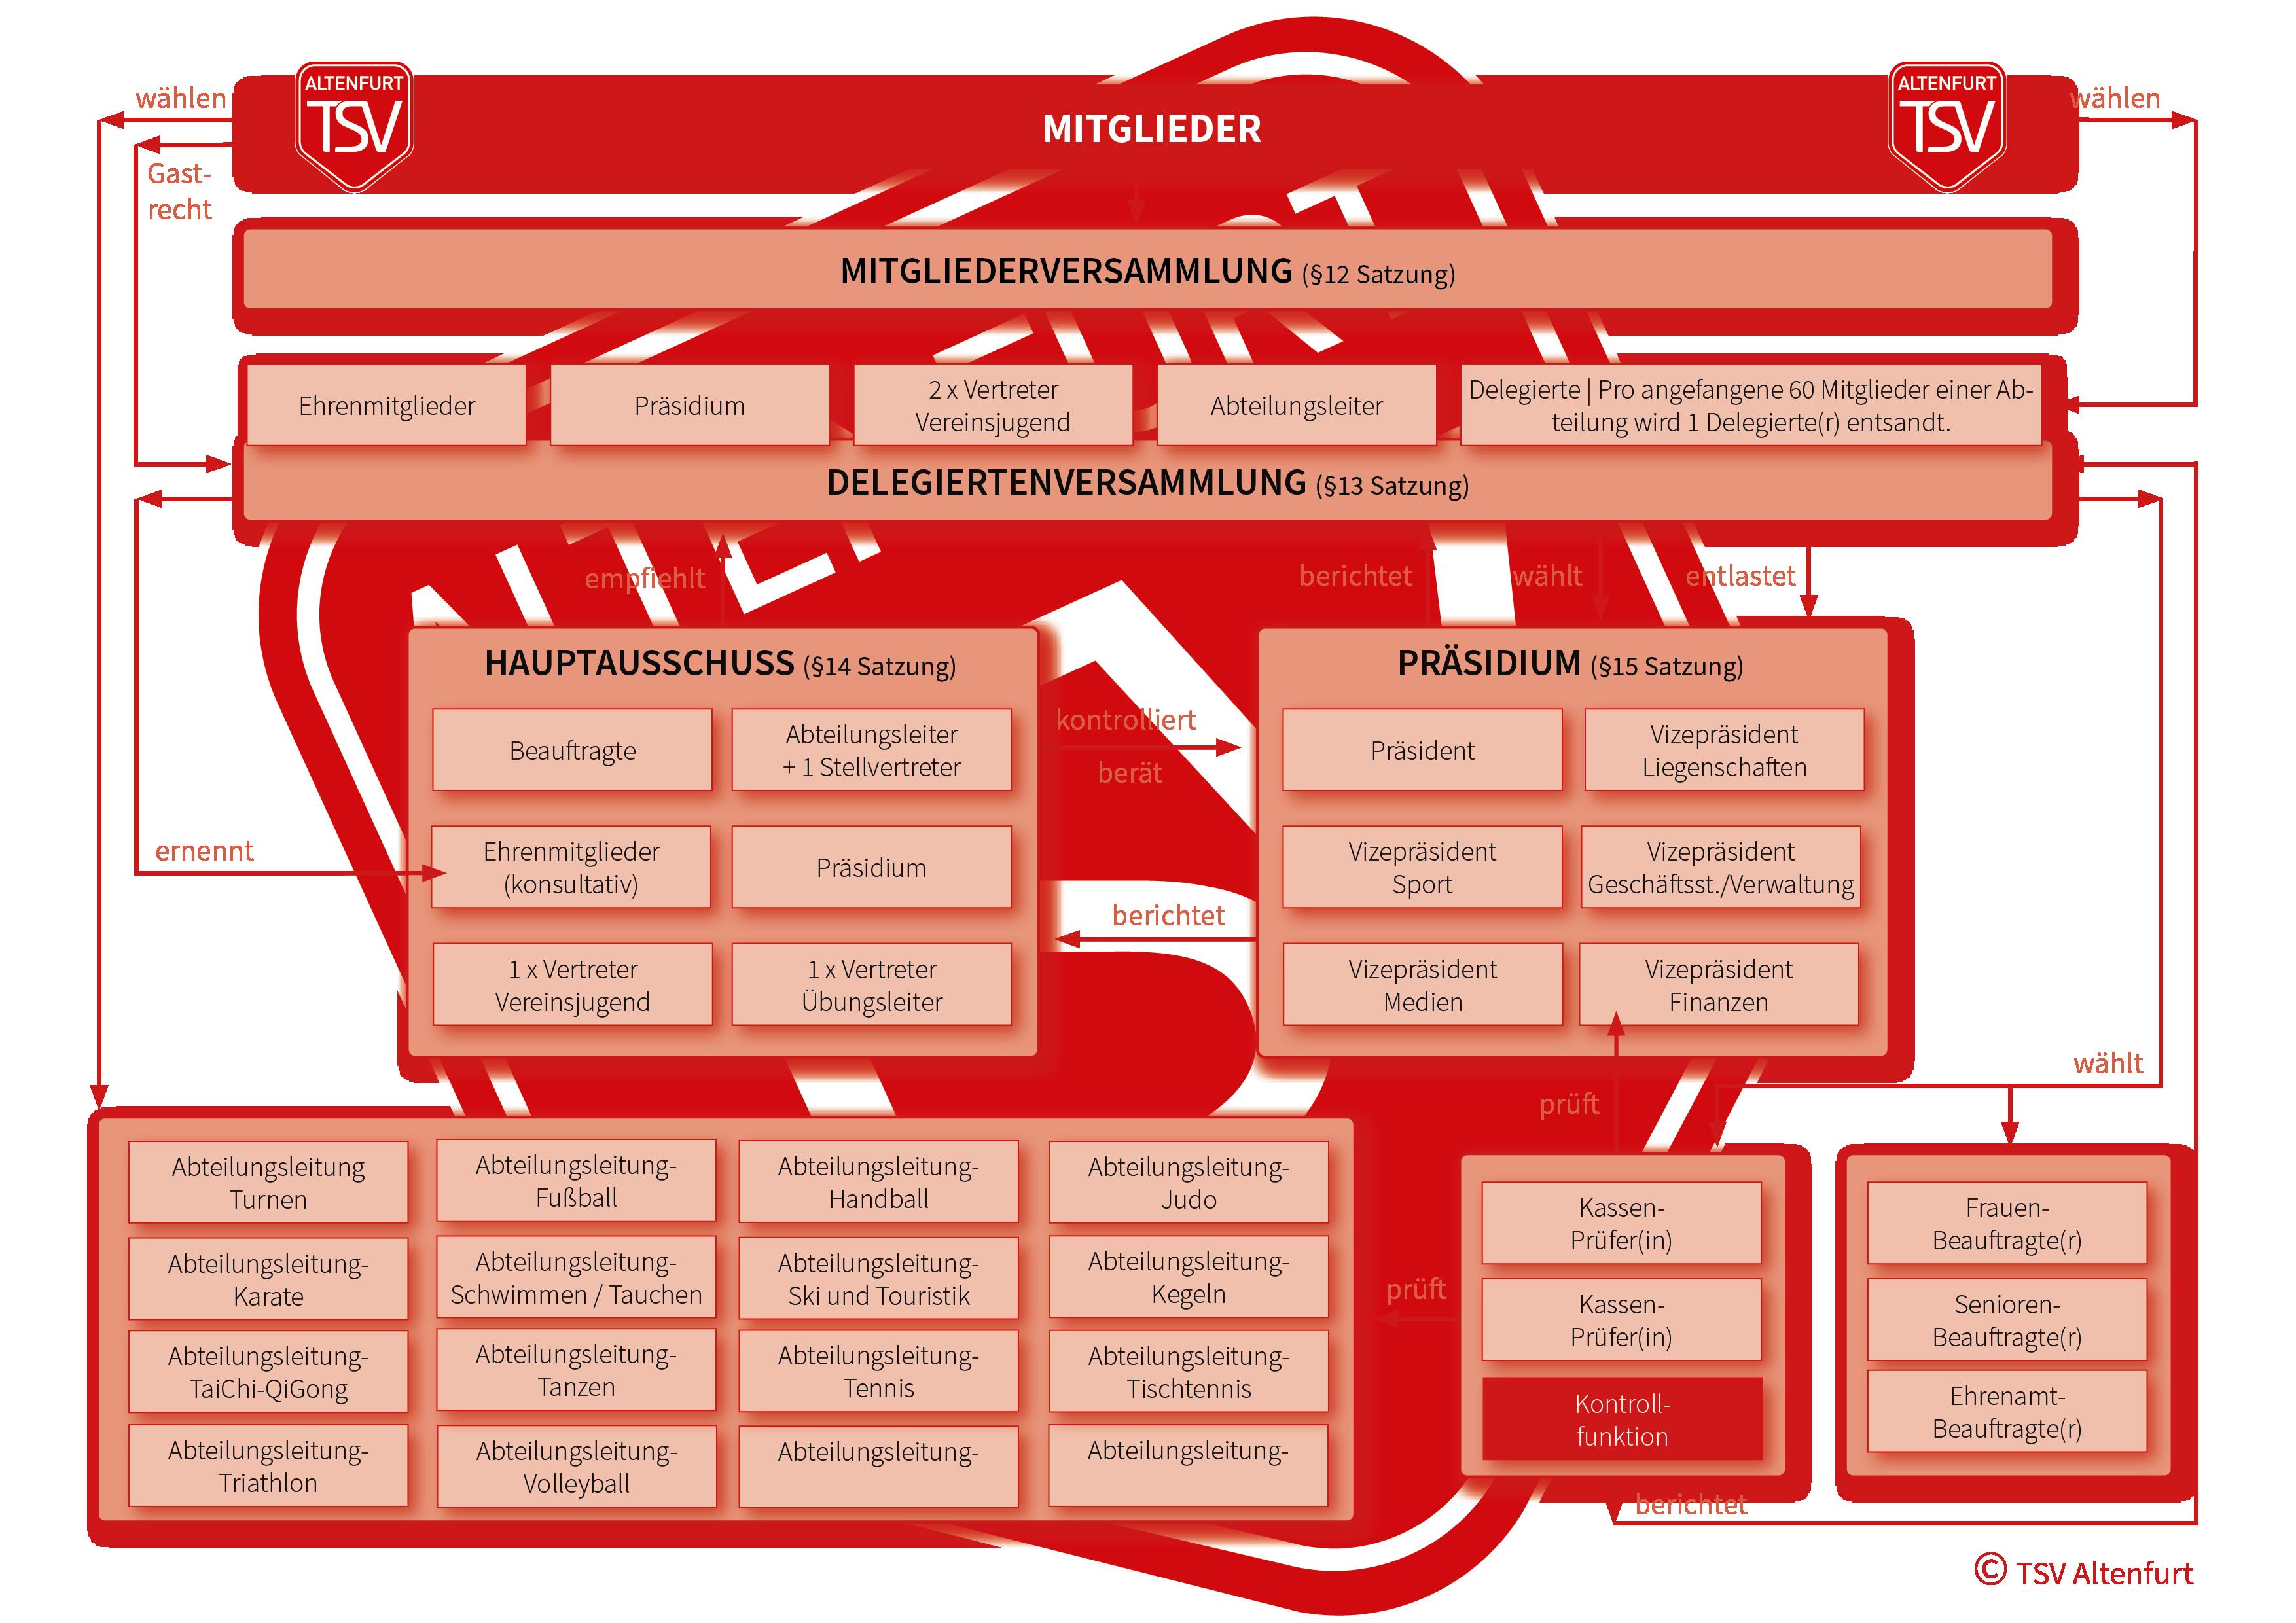 Satzung des TSV Altenfurt als Organigramm